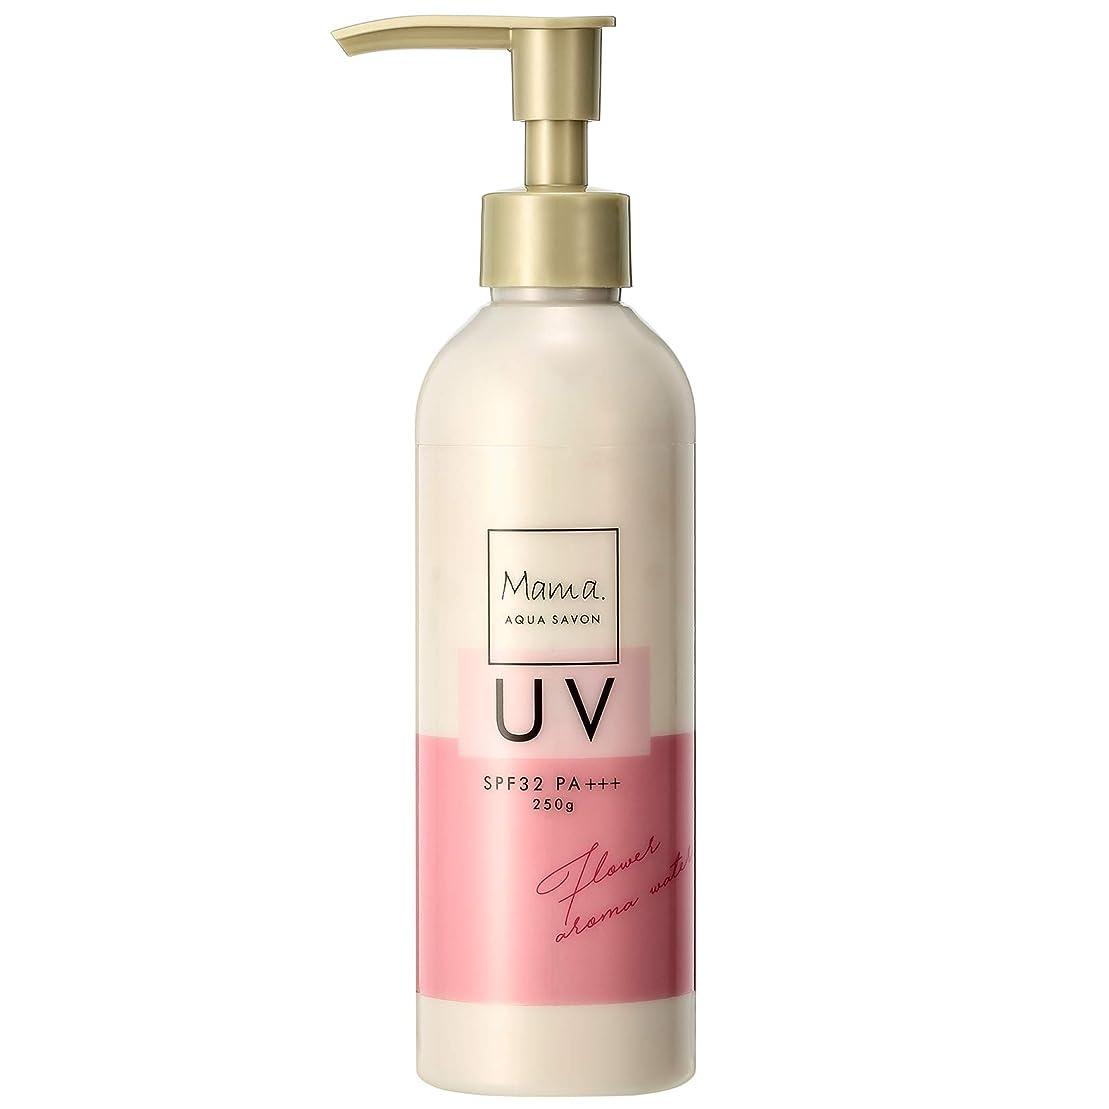 飢饉マーカー揮発性ママアクアシャボン UVモイストジェル フラワーアロマウォーターの香り 19S 250g